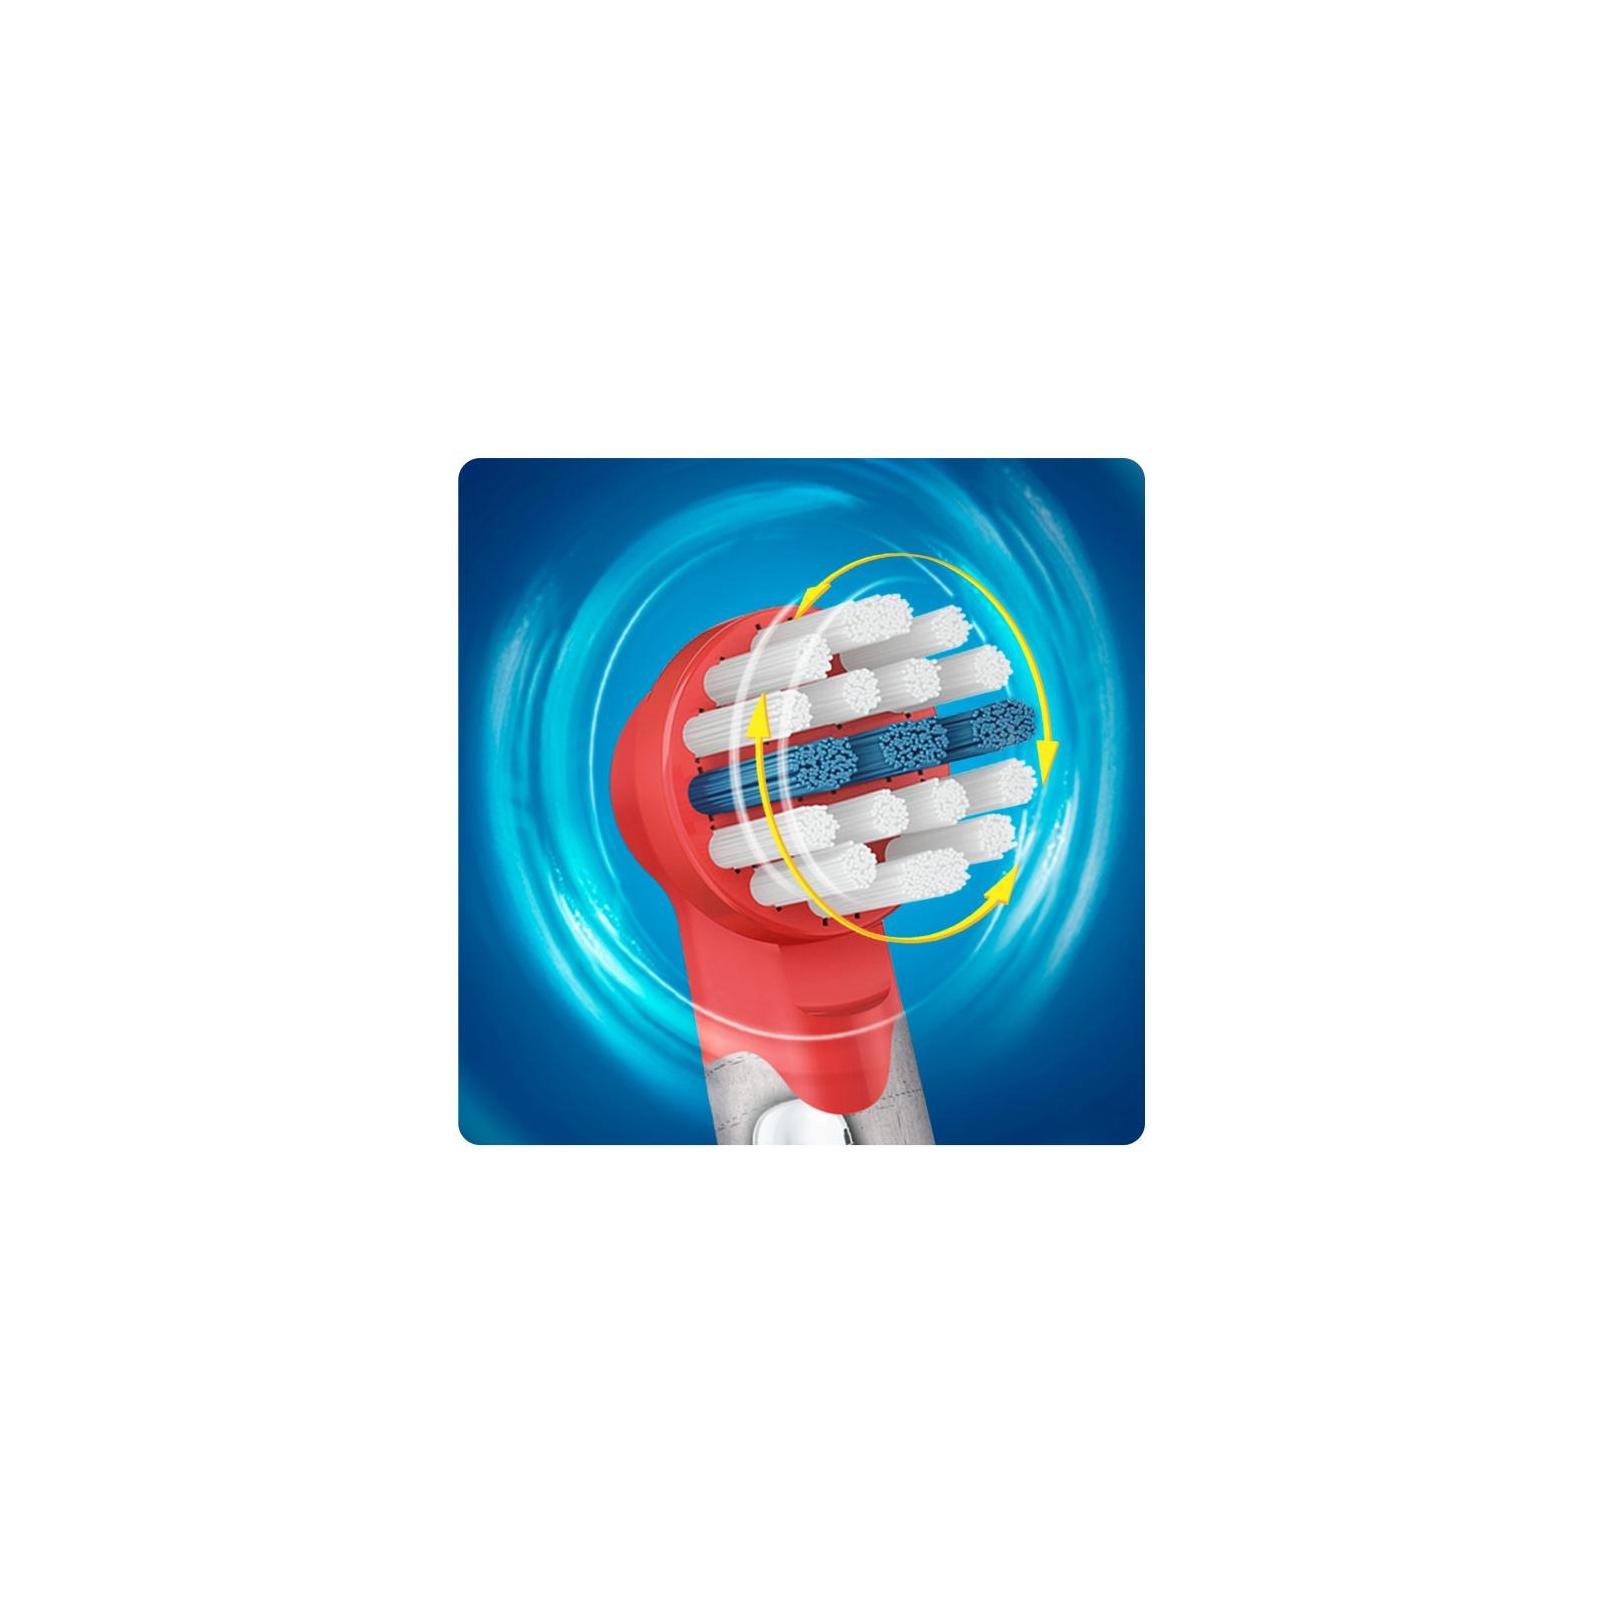 Электрическая зубная щетка Oral-B Cars (D12.513K) изображение 3